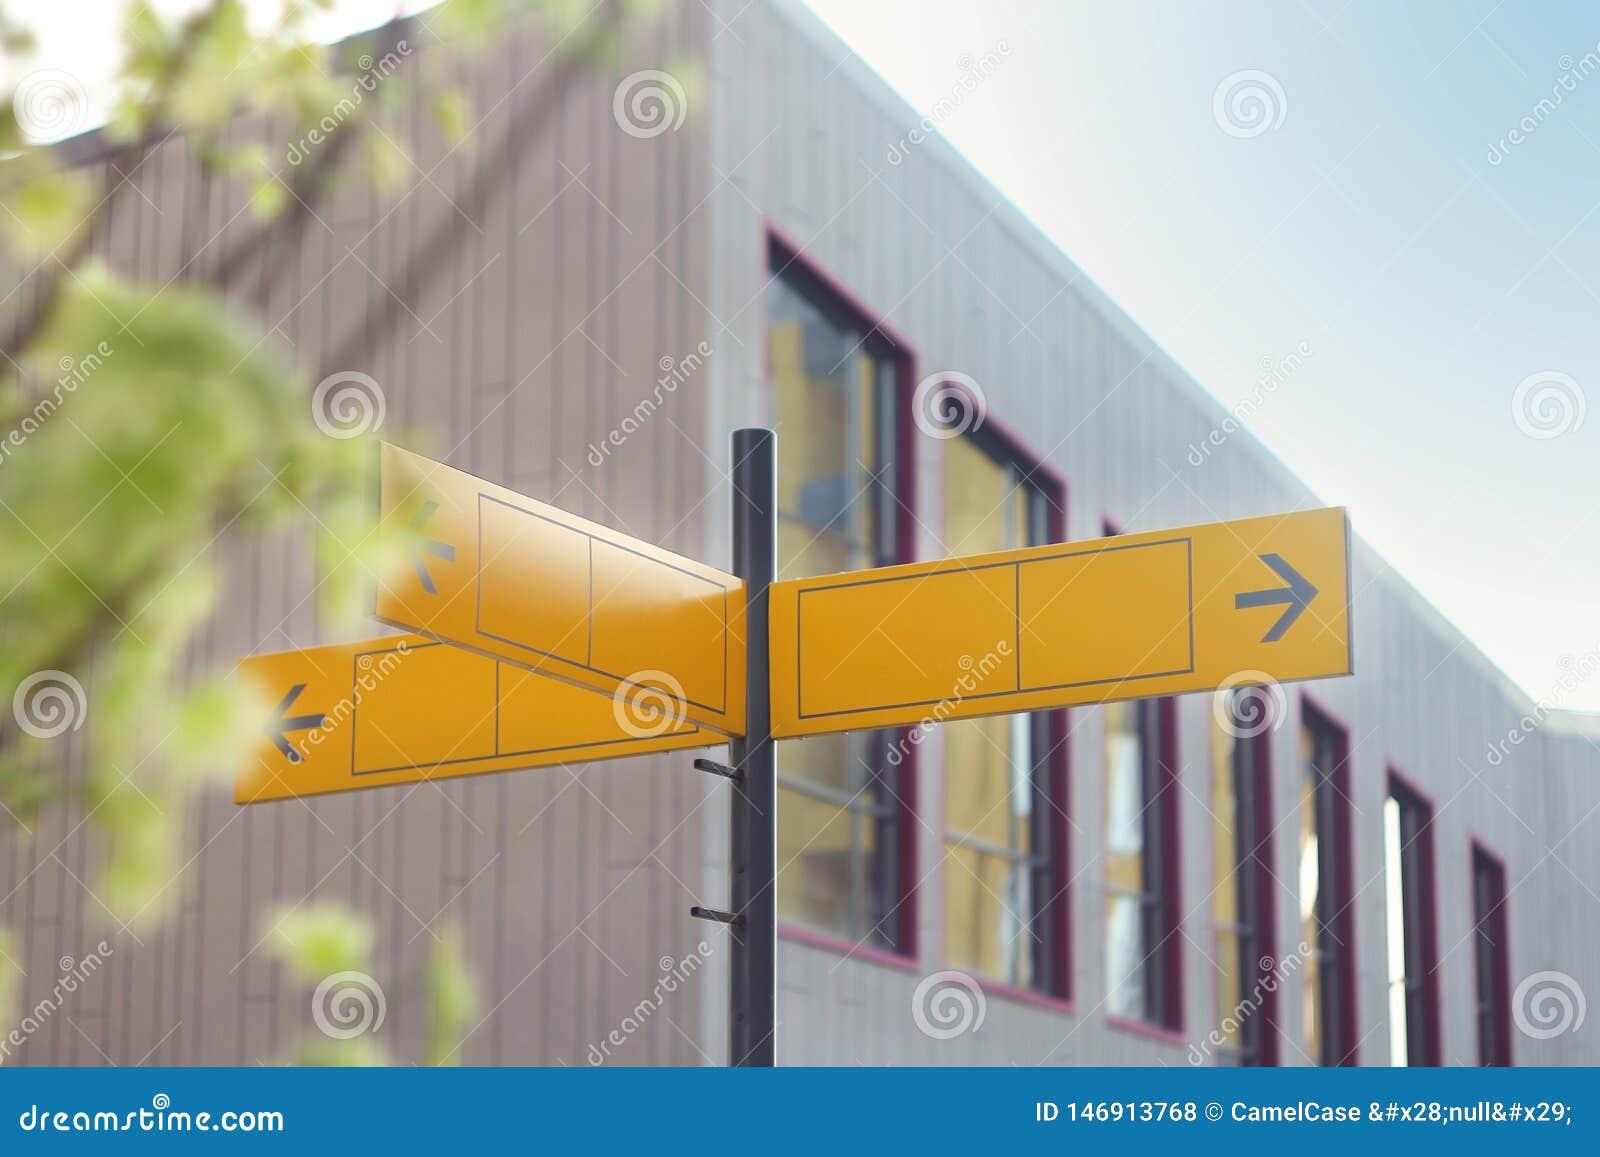 Señal de tráfico amarilla o señales de tráfico en blanco que muestran la dirección contra un edificio